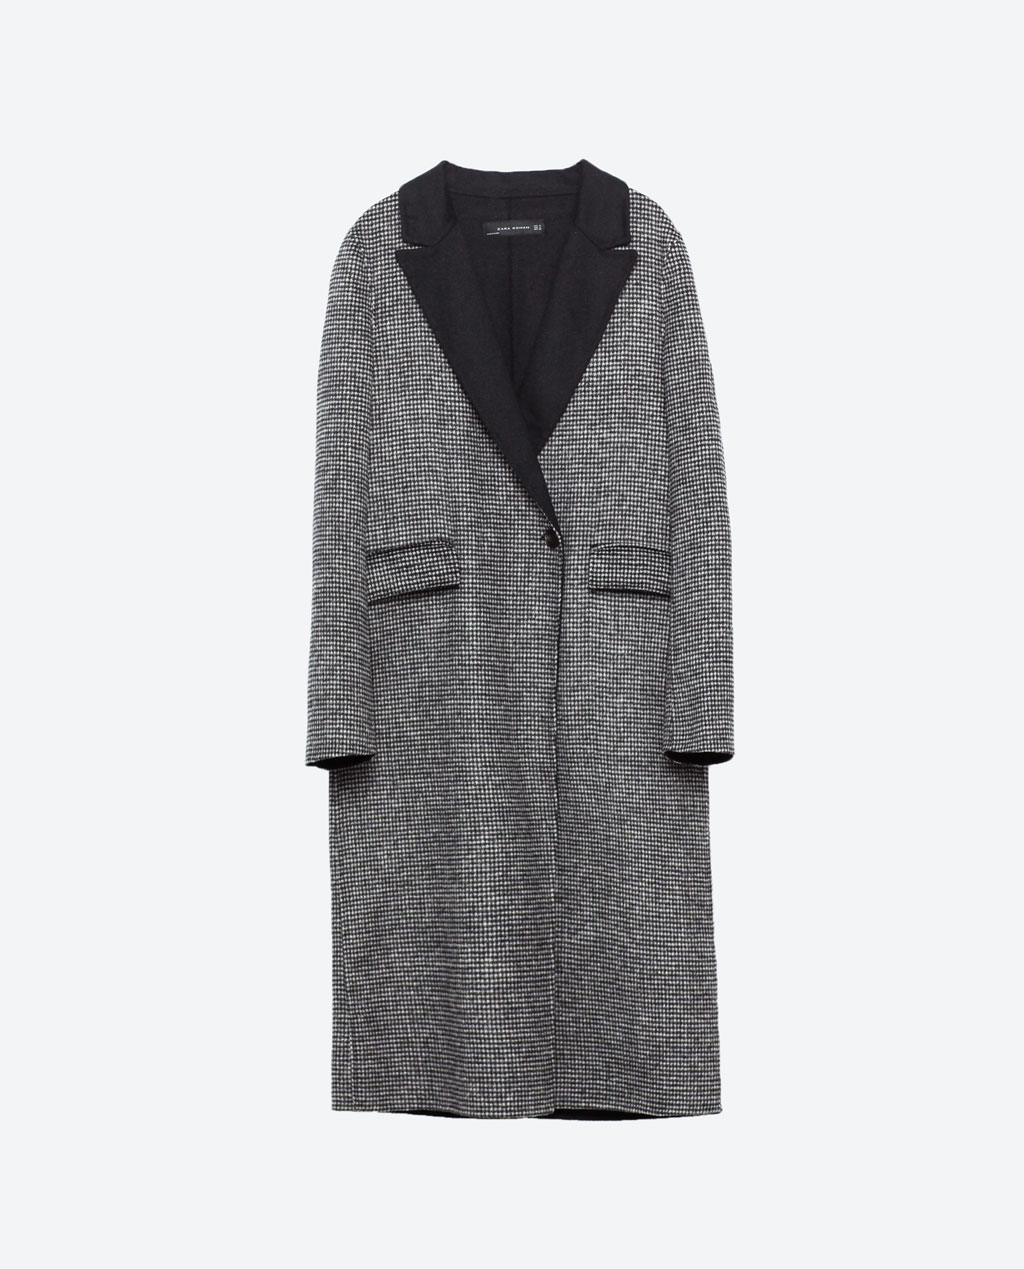 http://www.zara.com/us/en/sale/woman/outerwear/view-all/long-coat-c731509p3646780.html